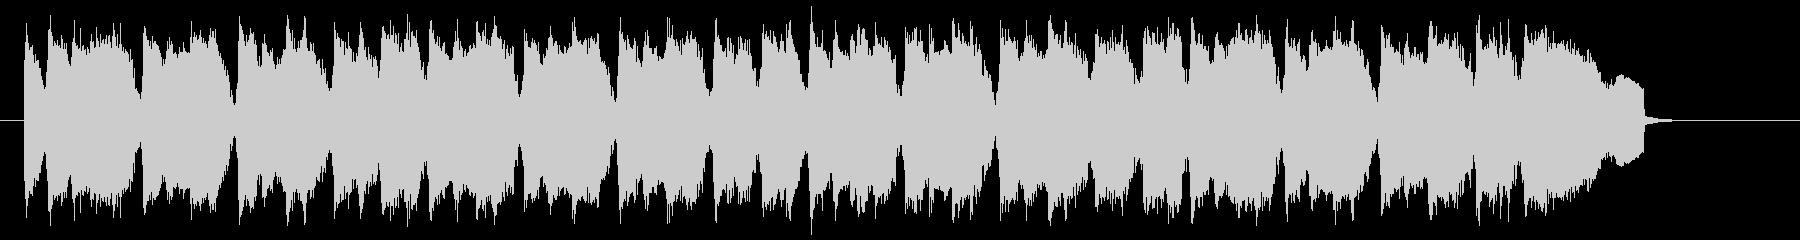 ギターのリフが繰り返される明るいポップスの未再生の波形